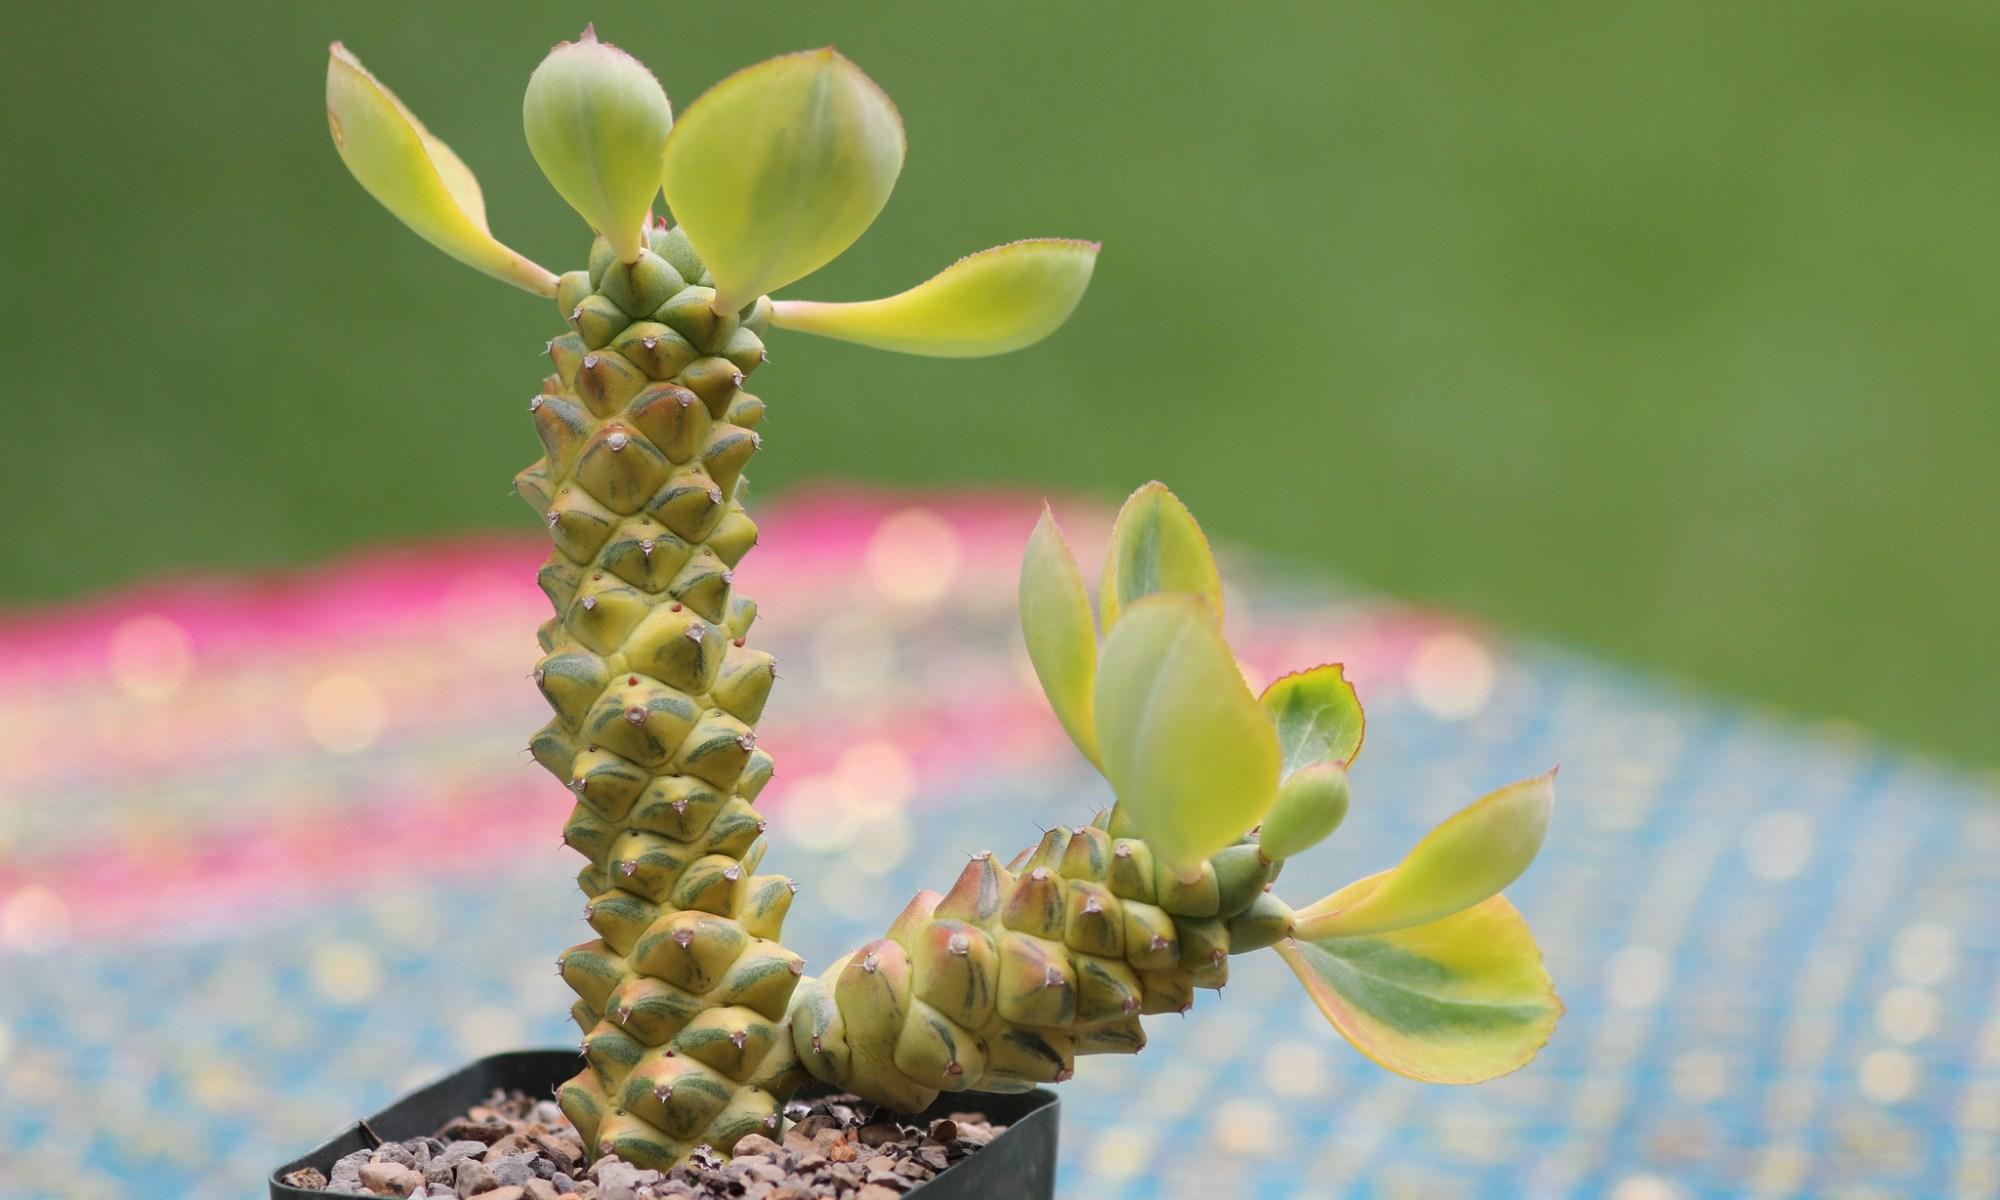 Euphorbia (Monadenium) ritchiei variegata